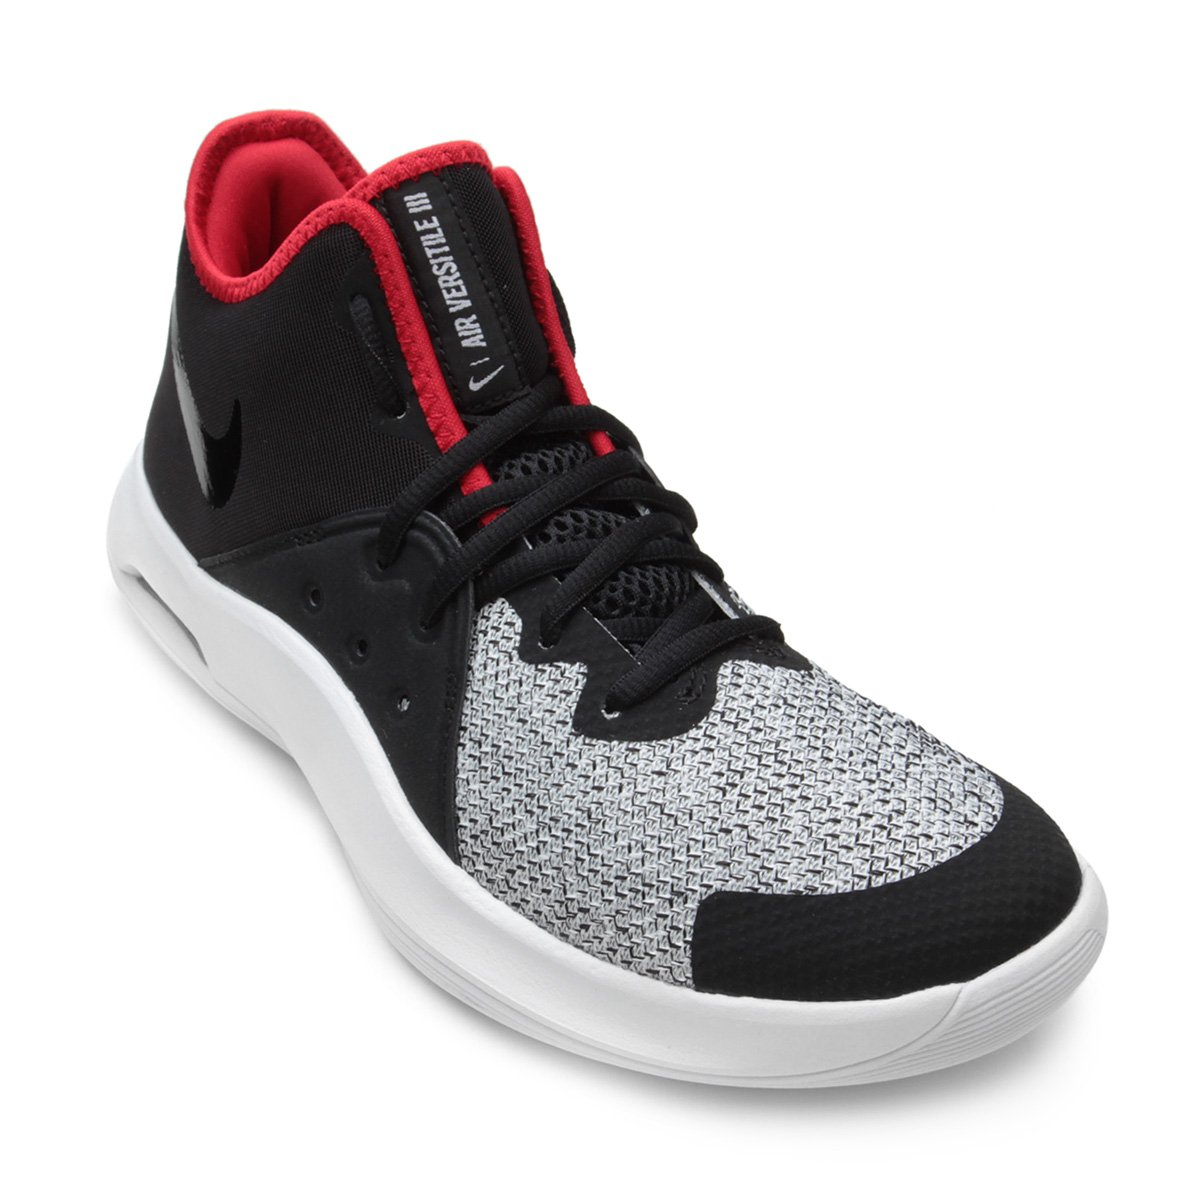 Tênis Nike Air Versitile III Masculino - Preto e Vermelho - Compre ... 19f8e1d5627b5